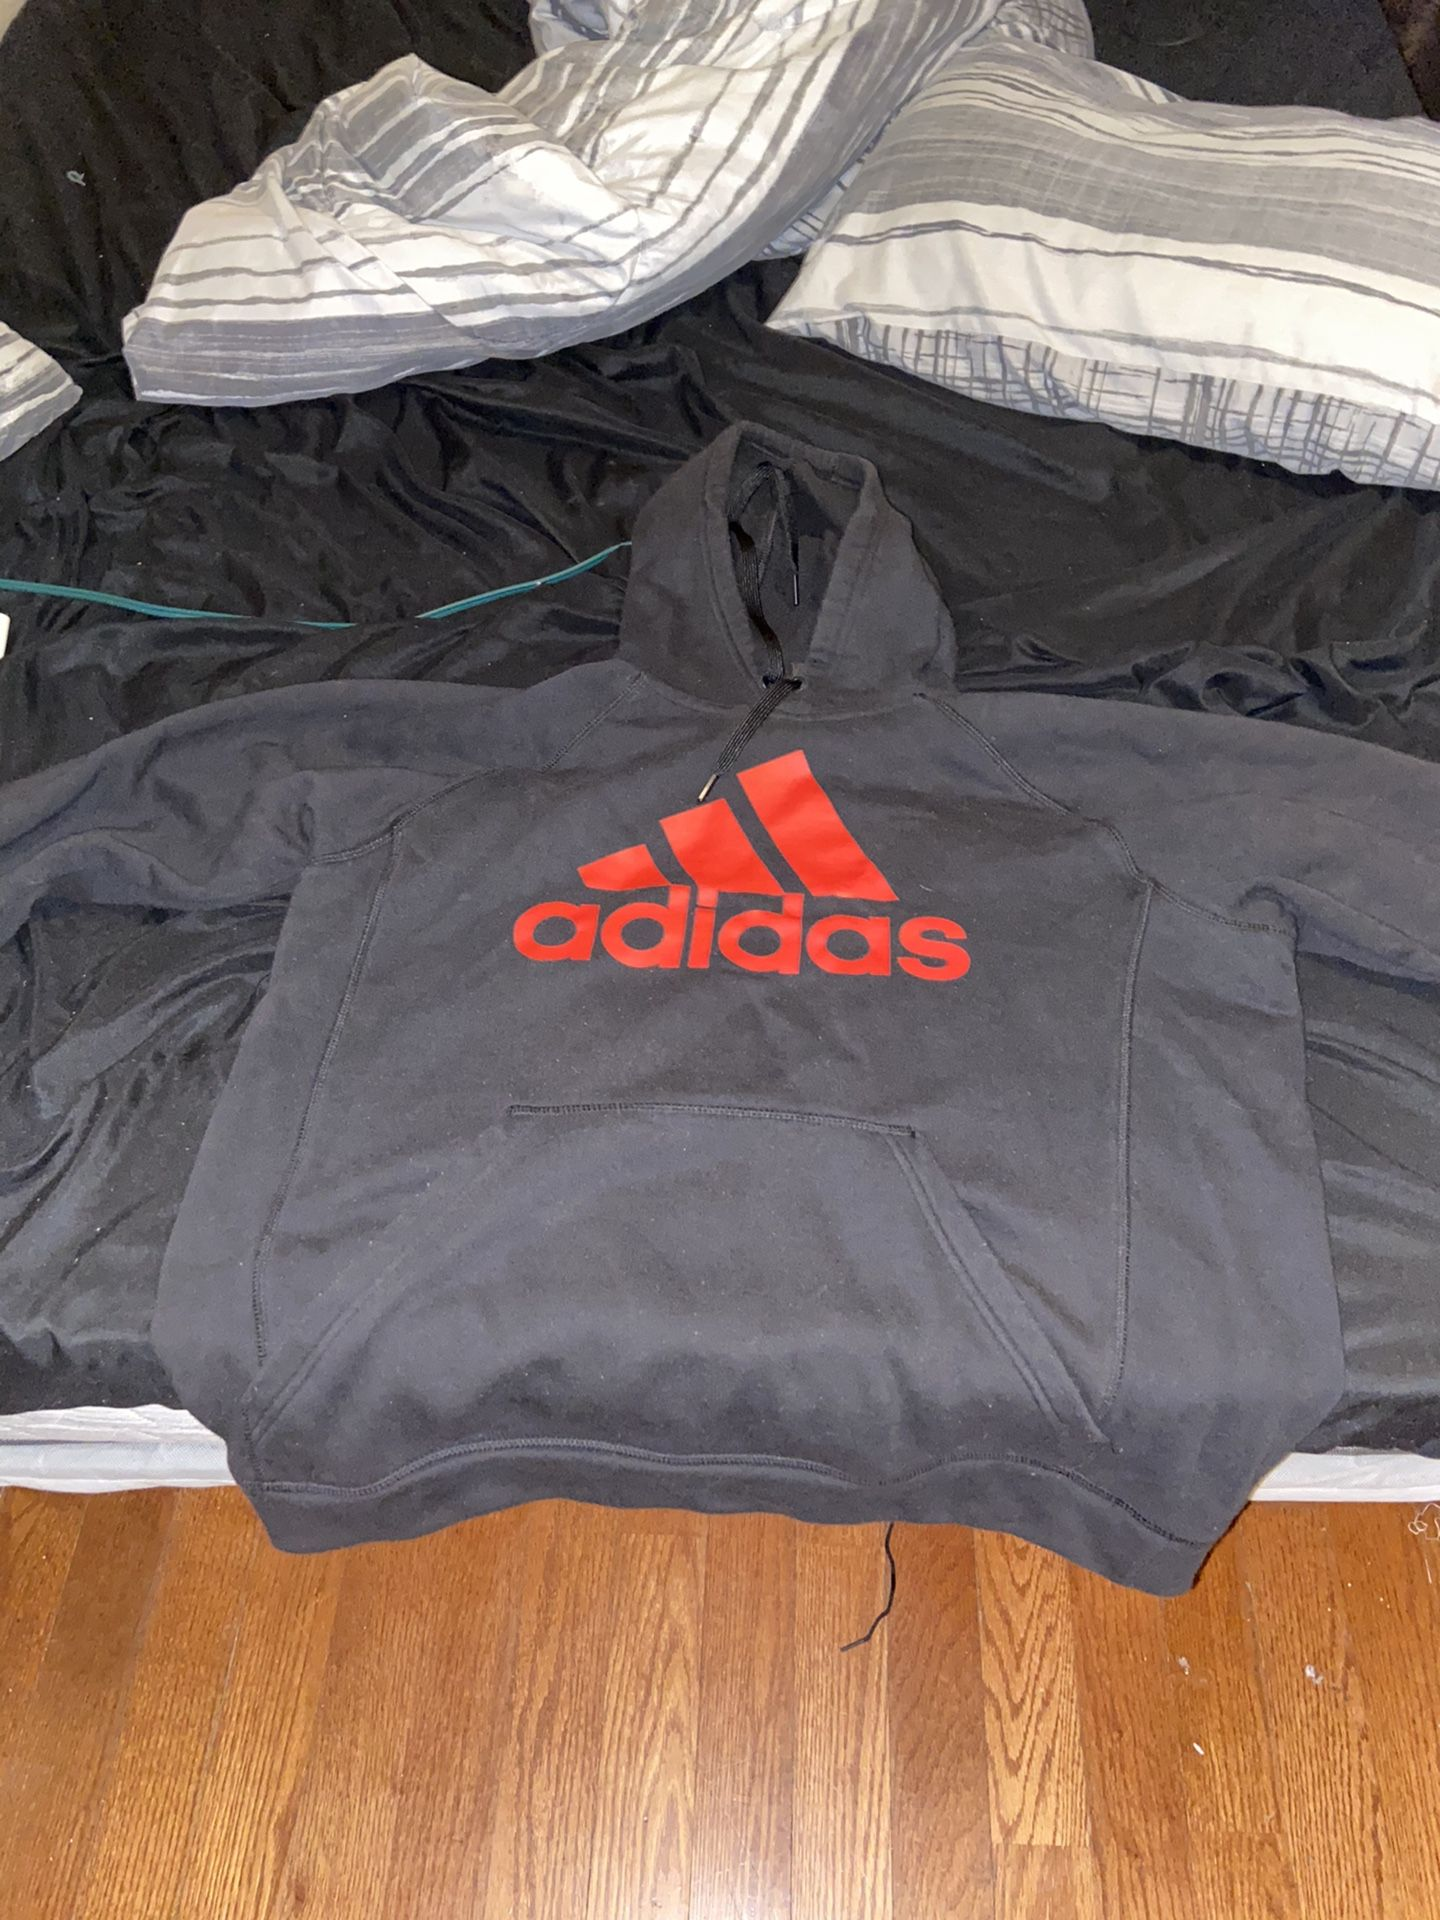 Adidas Adult Medium Sized Hoodie